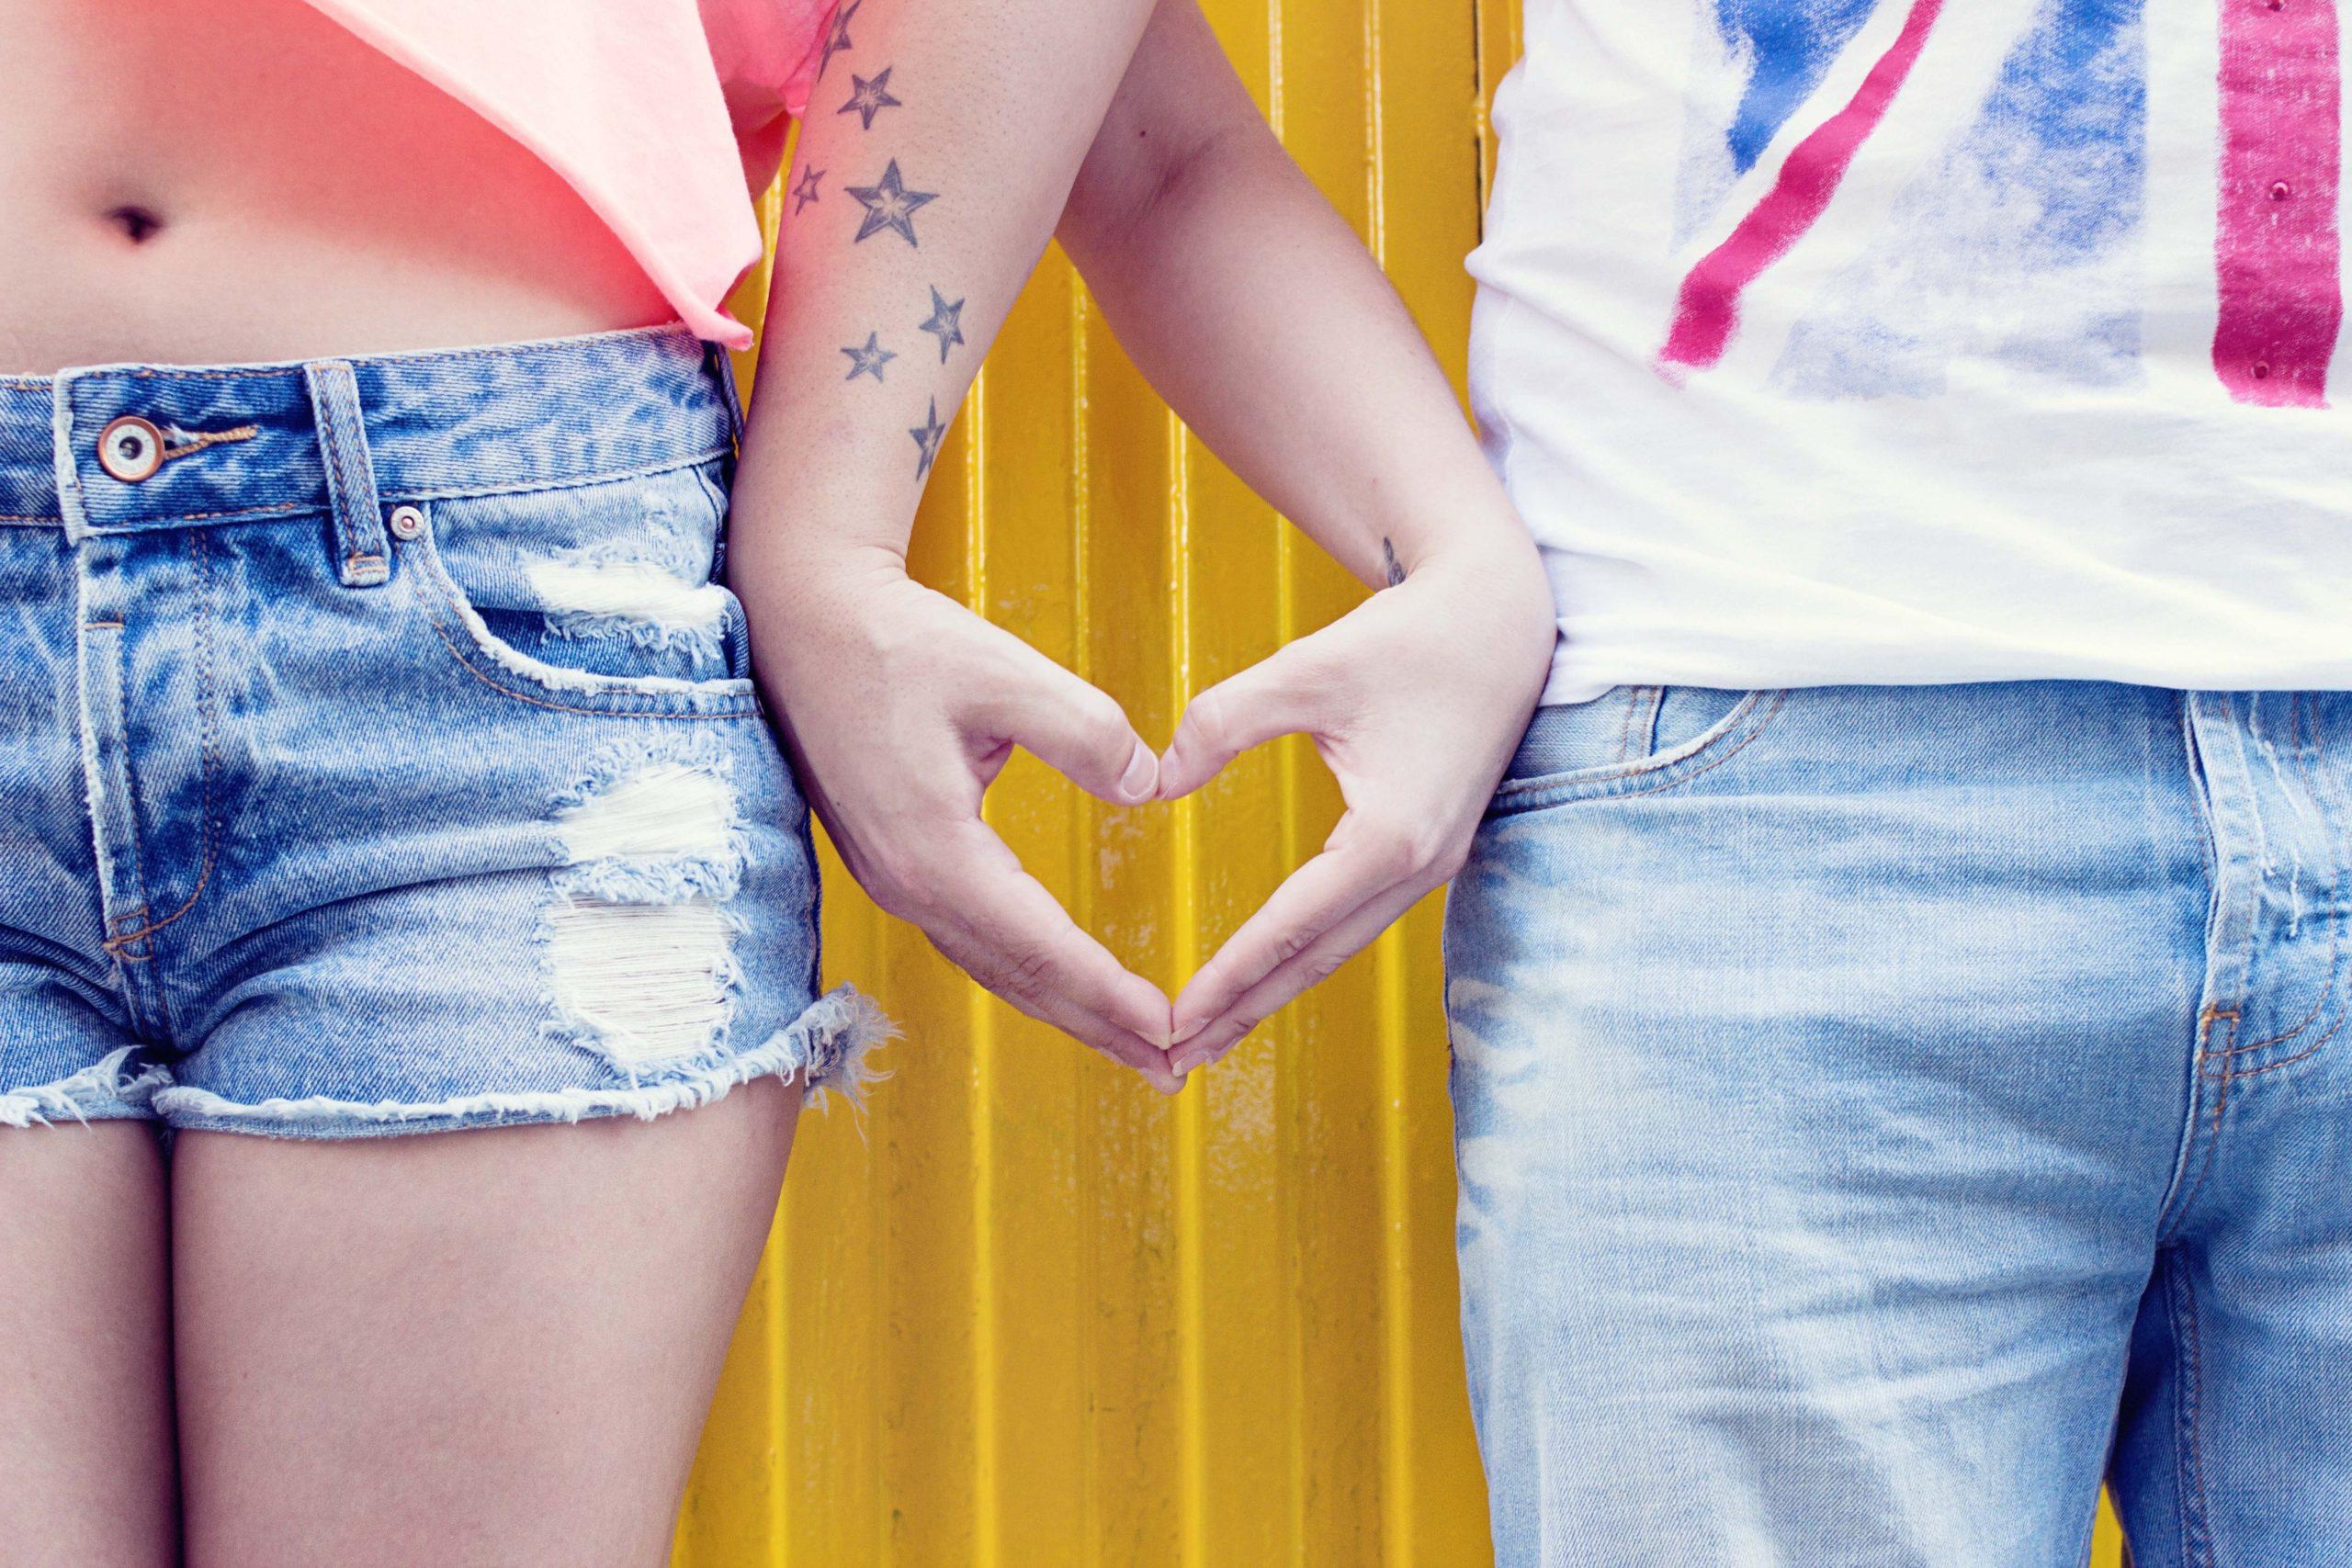 性的指向が合わない人を好きに…恋愛の望みはある? 恋愛はうまくいく?